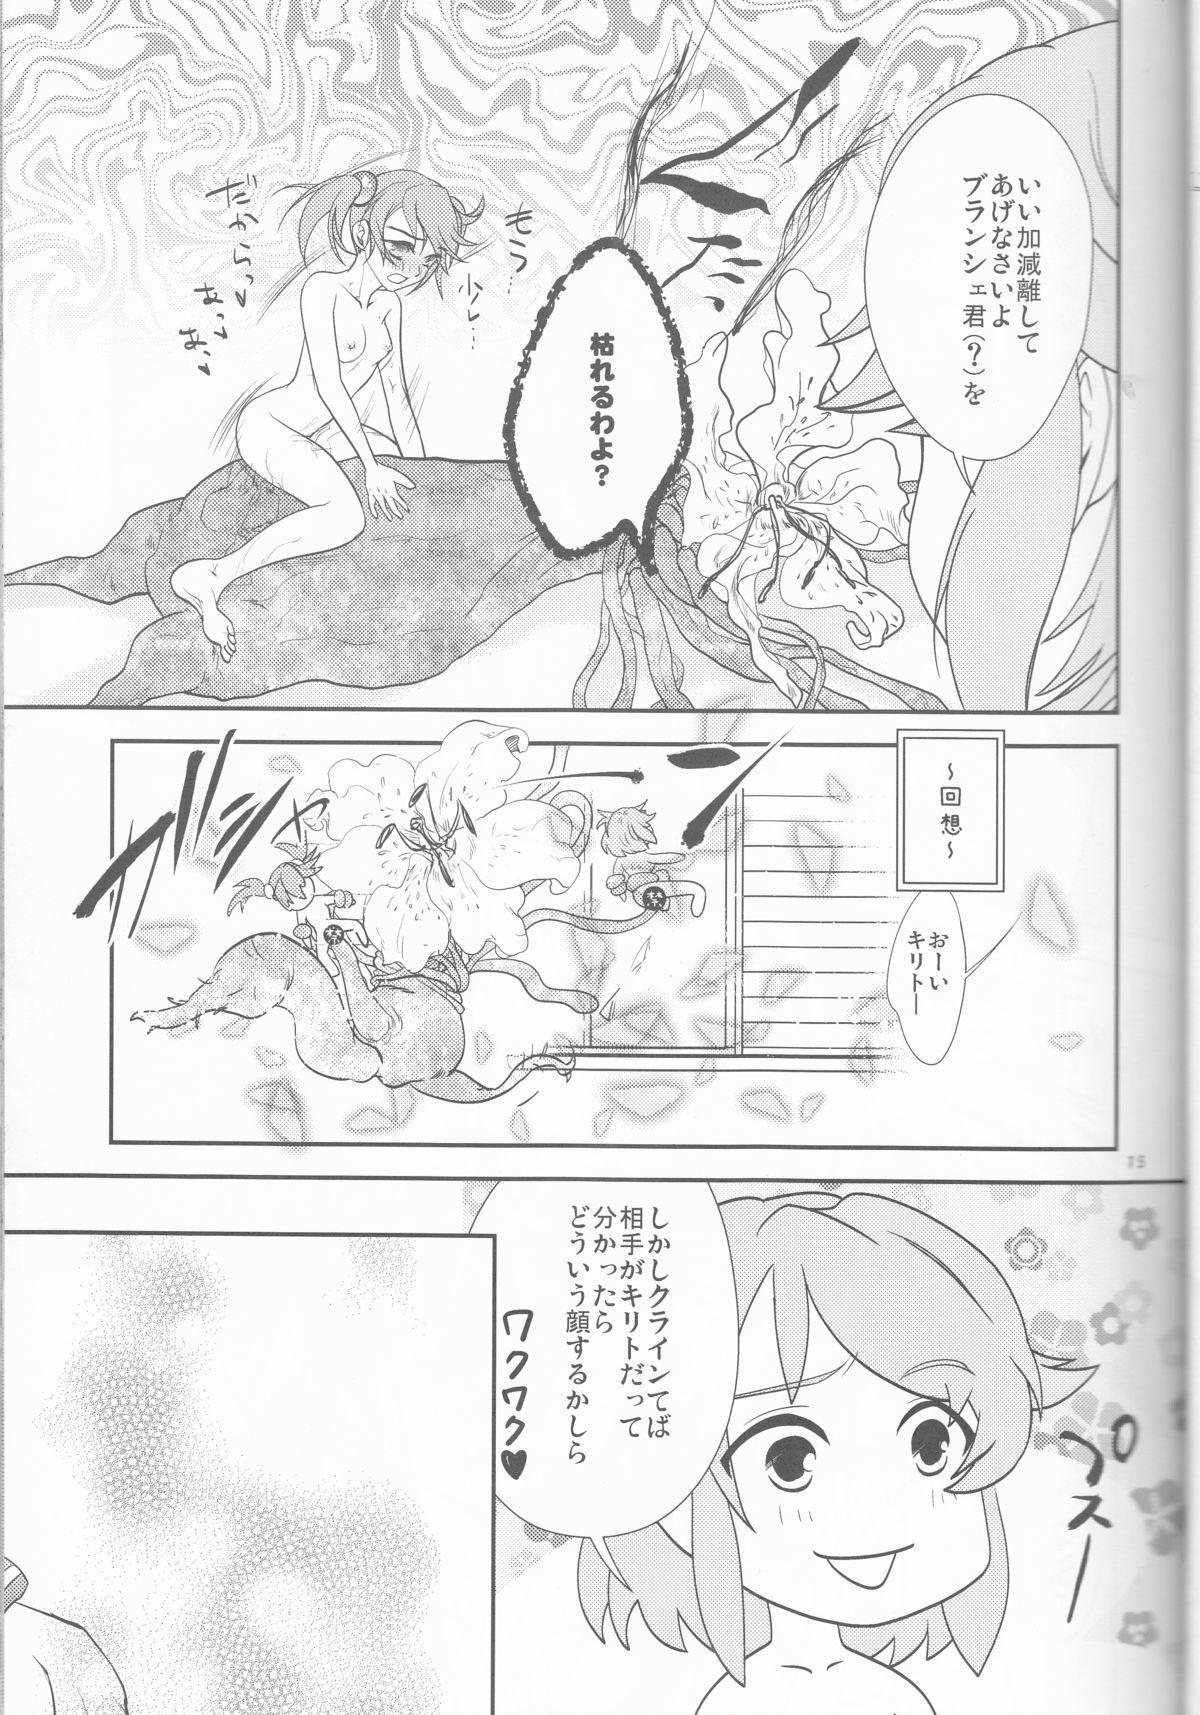 Kirito-kun no shiroku betatsuku nani ka 3 14